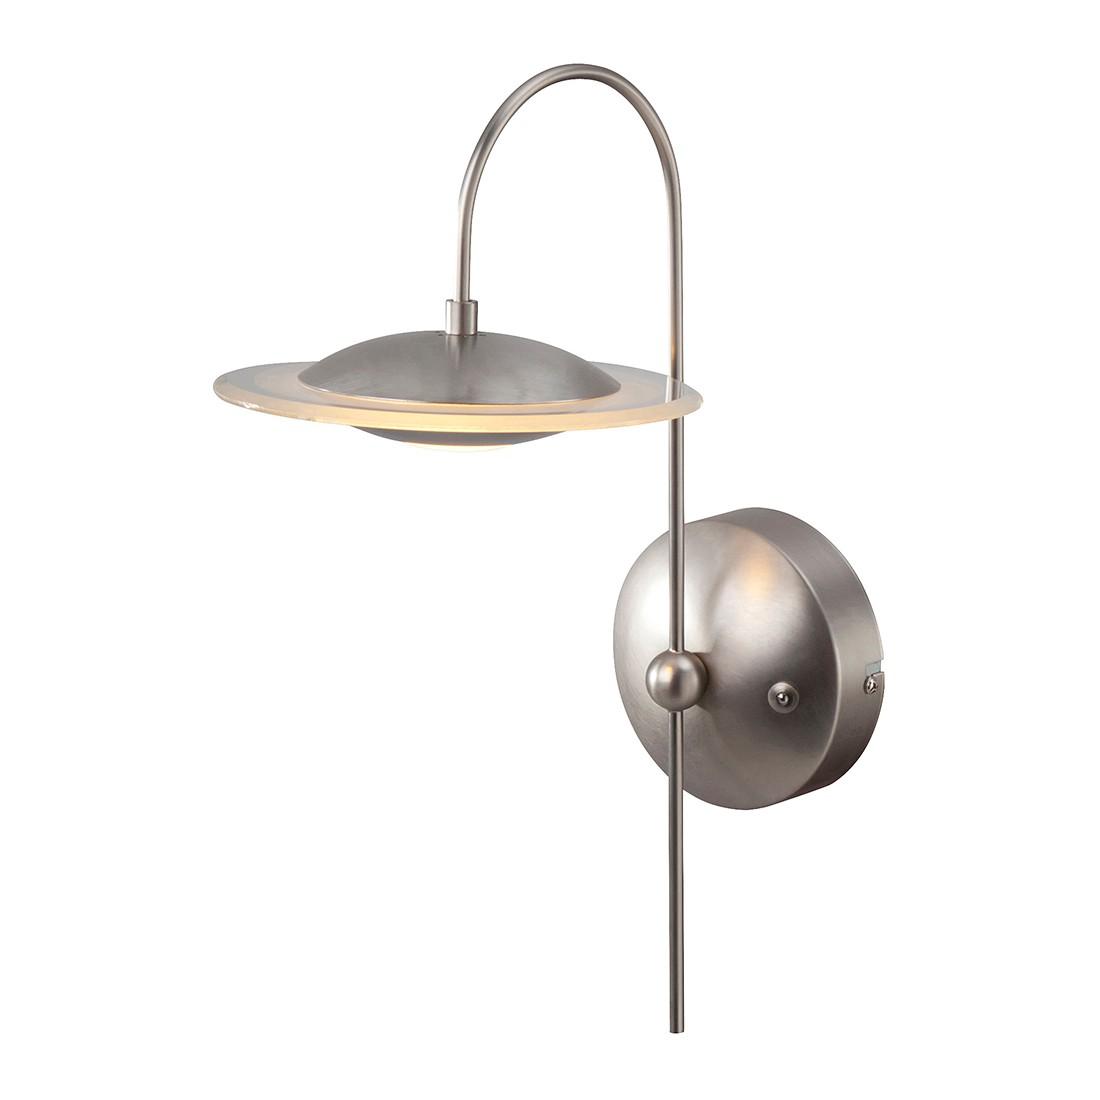 LED-Wandleuchte Zelena 1-flammig ● Nickel matt- Steinhauer A+